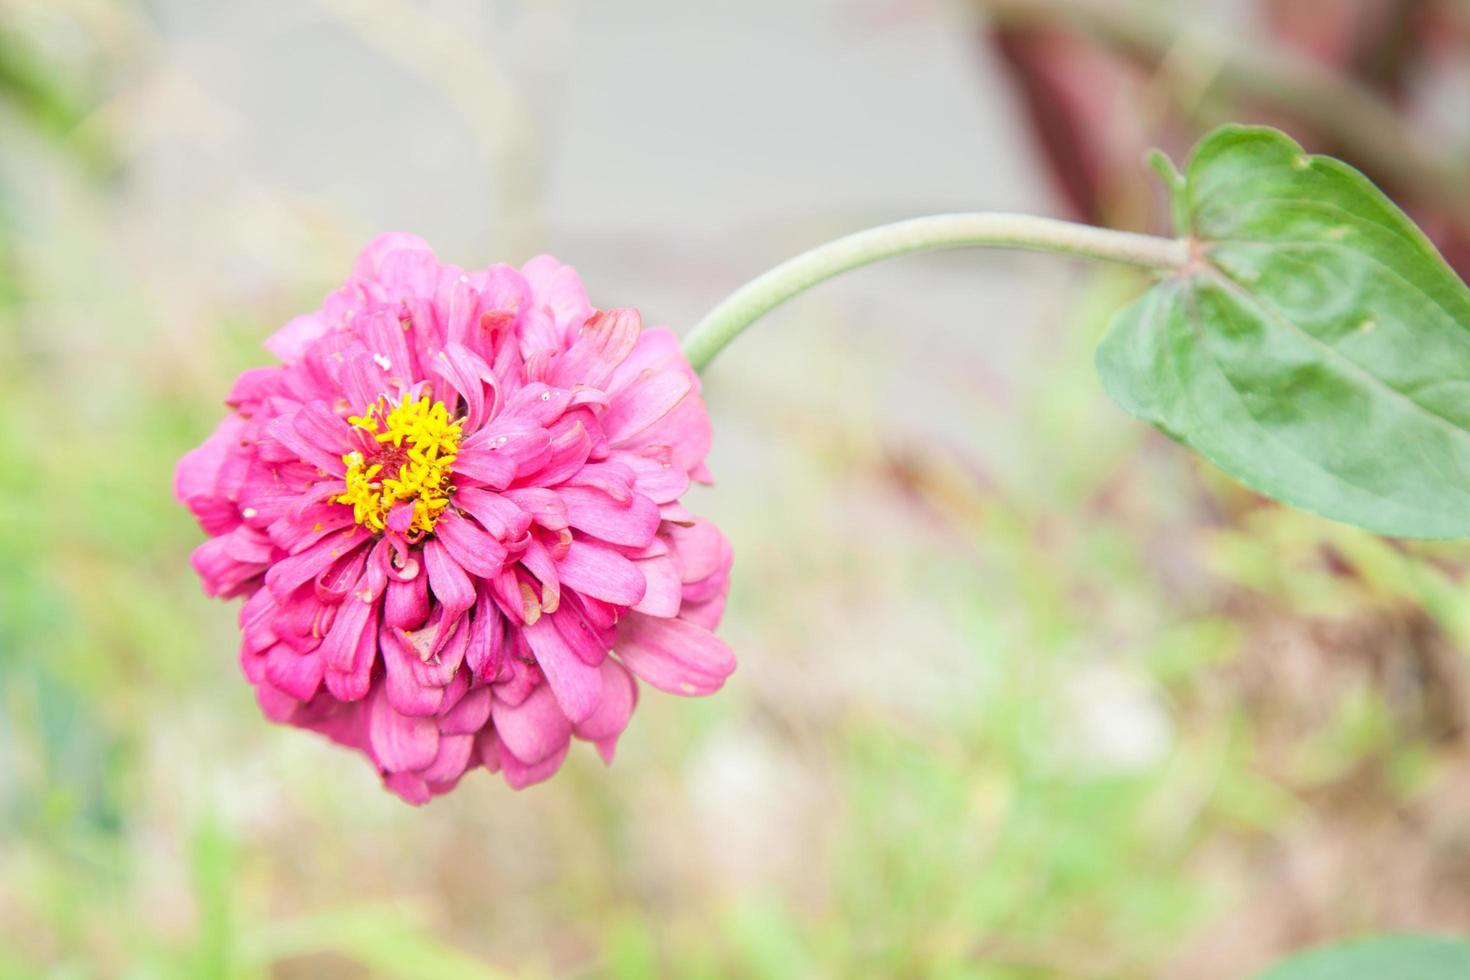 flor rosa en el parque foto